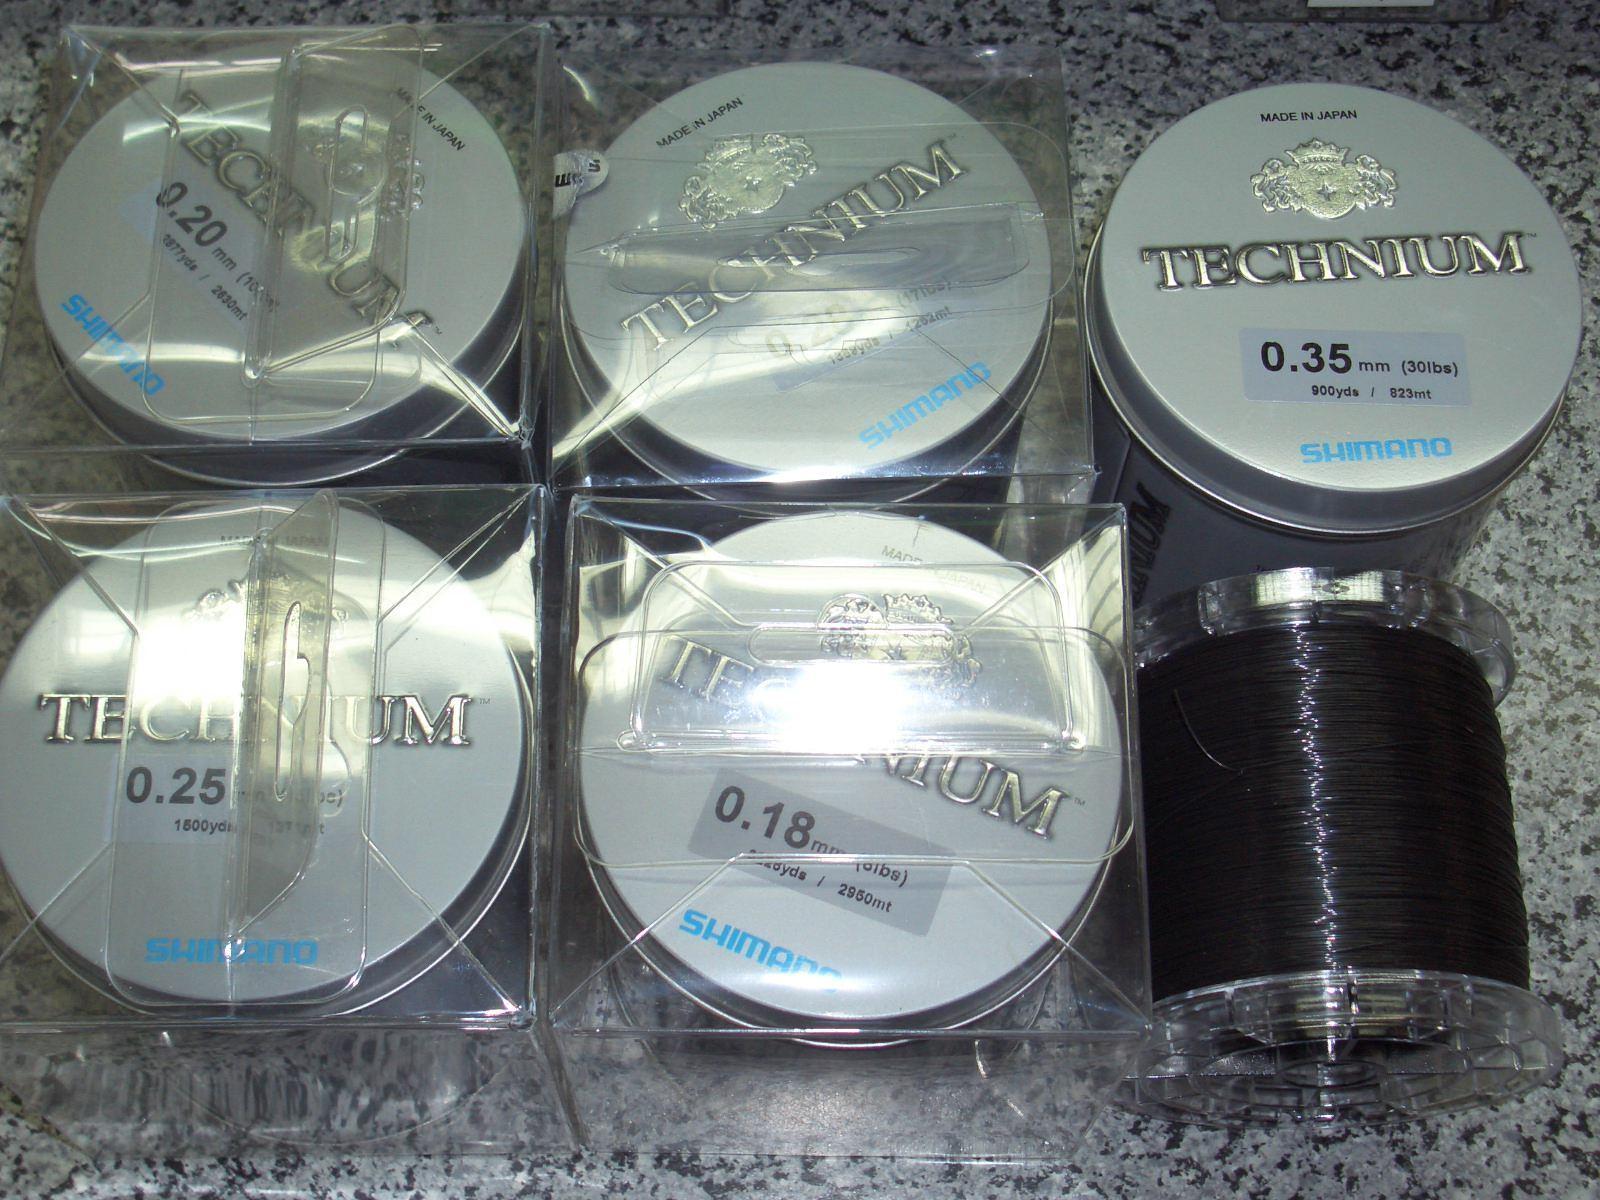 Shimano Technium Angel Schnur der 0,18mm, Extraklasse Sparpreis 2950m, 0,18mm, der 3,500kg a9d794